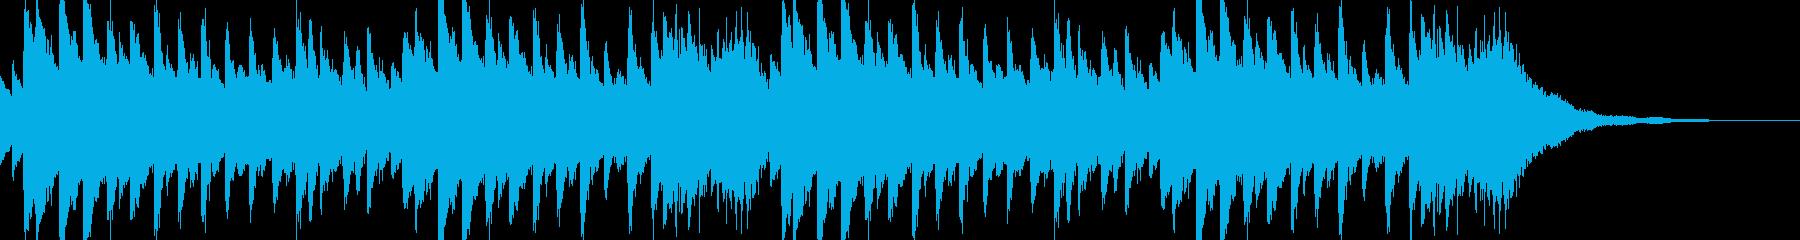 癒し、ヒーリングBGM#2の再生済みの波形